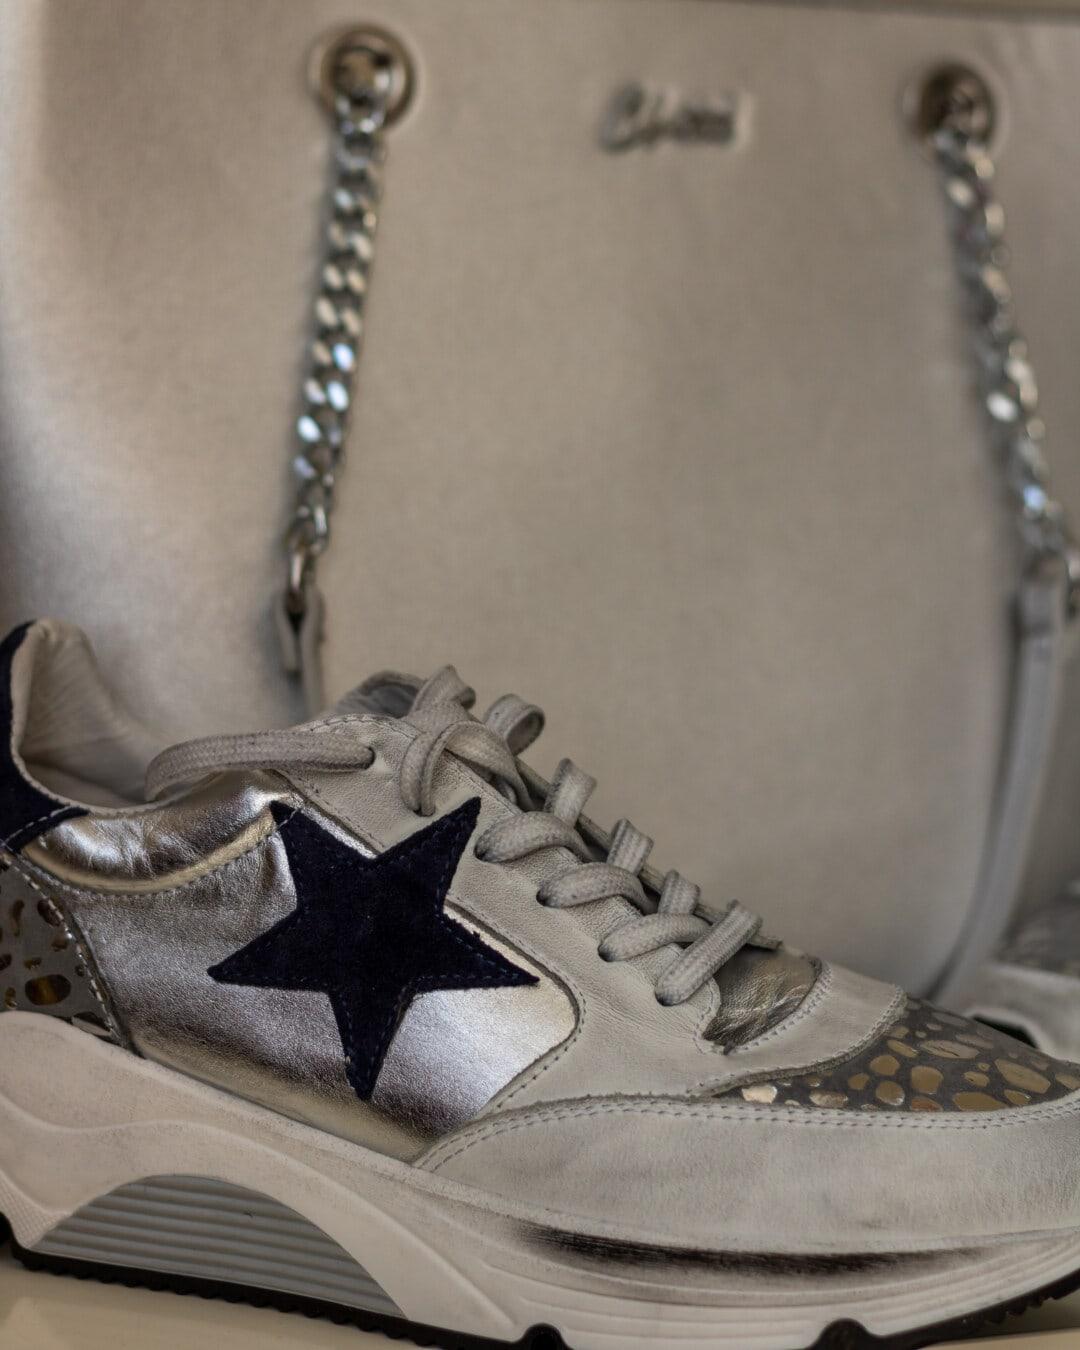 shining, glossy, handbag, sneakers, trendy, fancy, leather, fashion, footwear, luxury